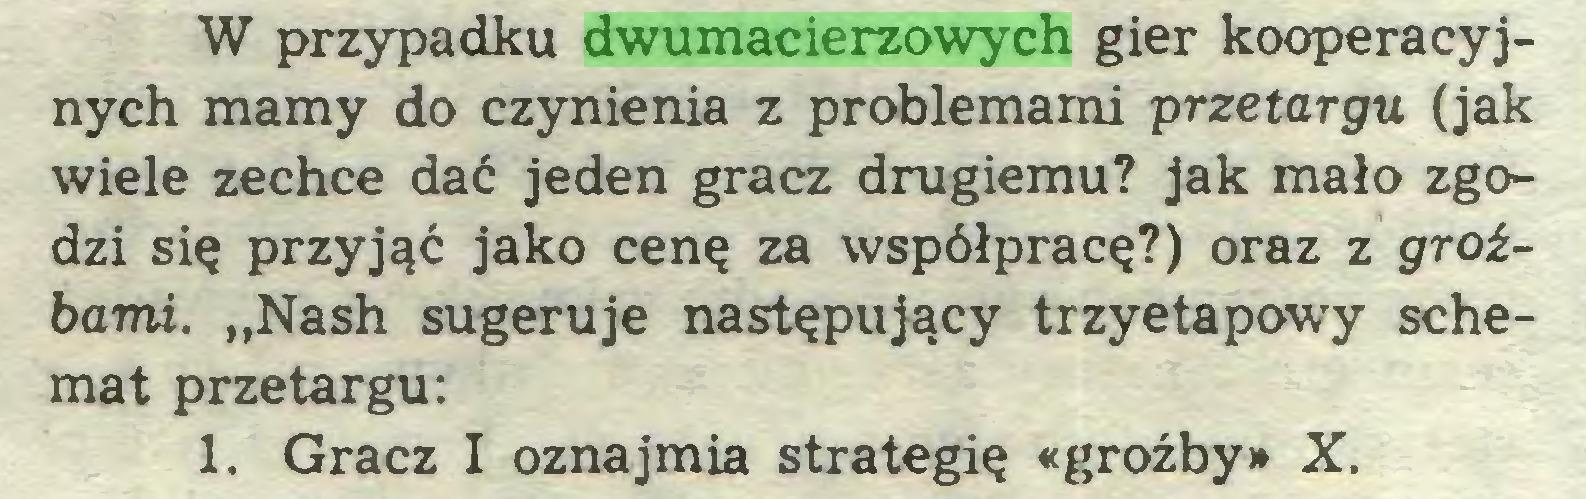 """(...) W przypadku dwumacierzowych gier kooperacyjnych mamy do czynienia z problemami przetargu (jak wiele zechce dać jeden gracz drugiemu? jak mało zgodzi się przyjąć jako cenę za współpracę?) oraz z groźbami. """"Nash sugeruje następujący trzyetapowy schemat przetargu: 1. Gracz I oznajmia strategię «groźby» X..."""